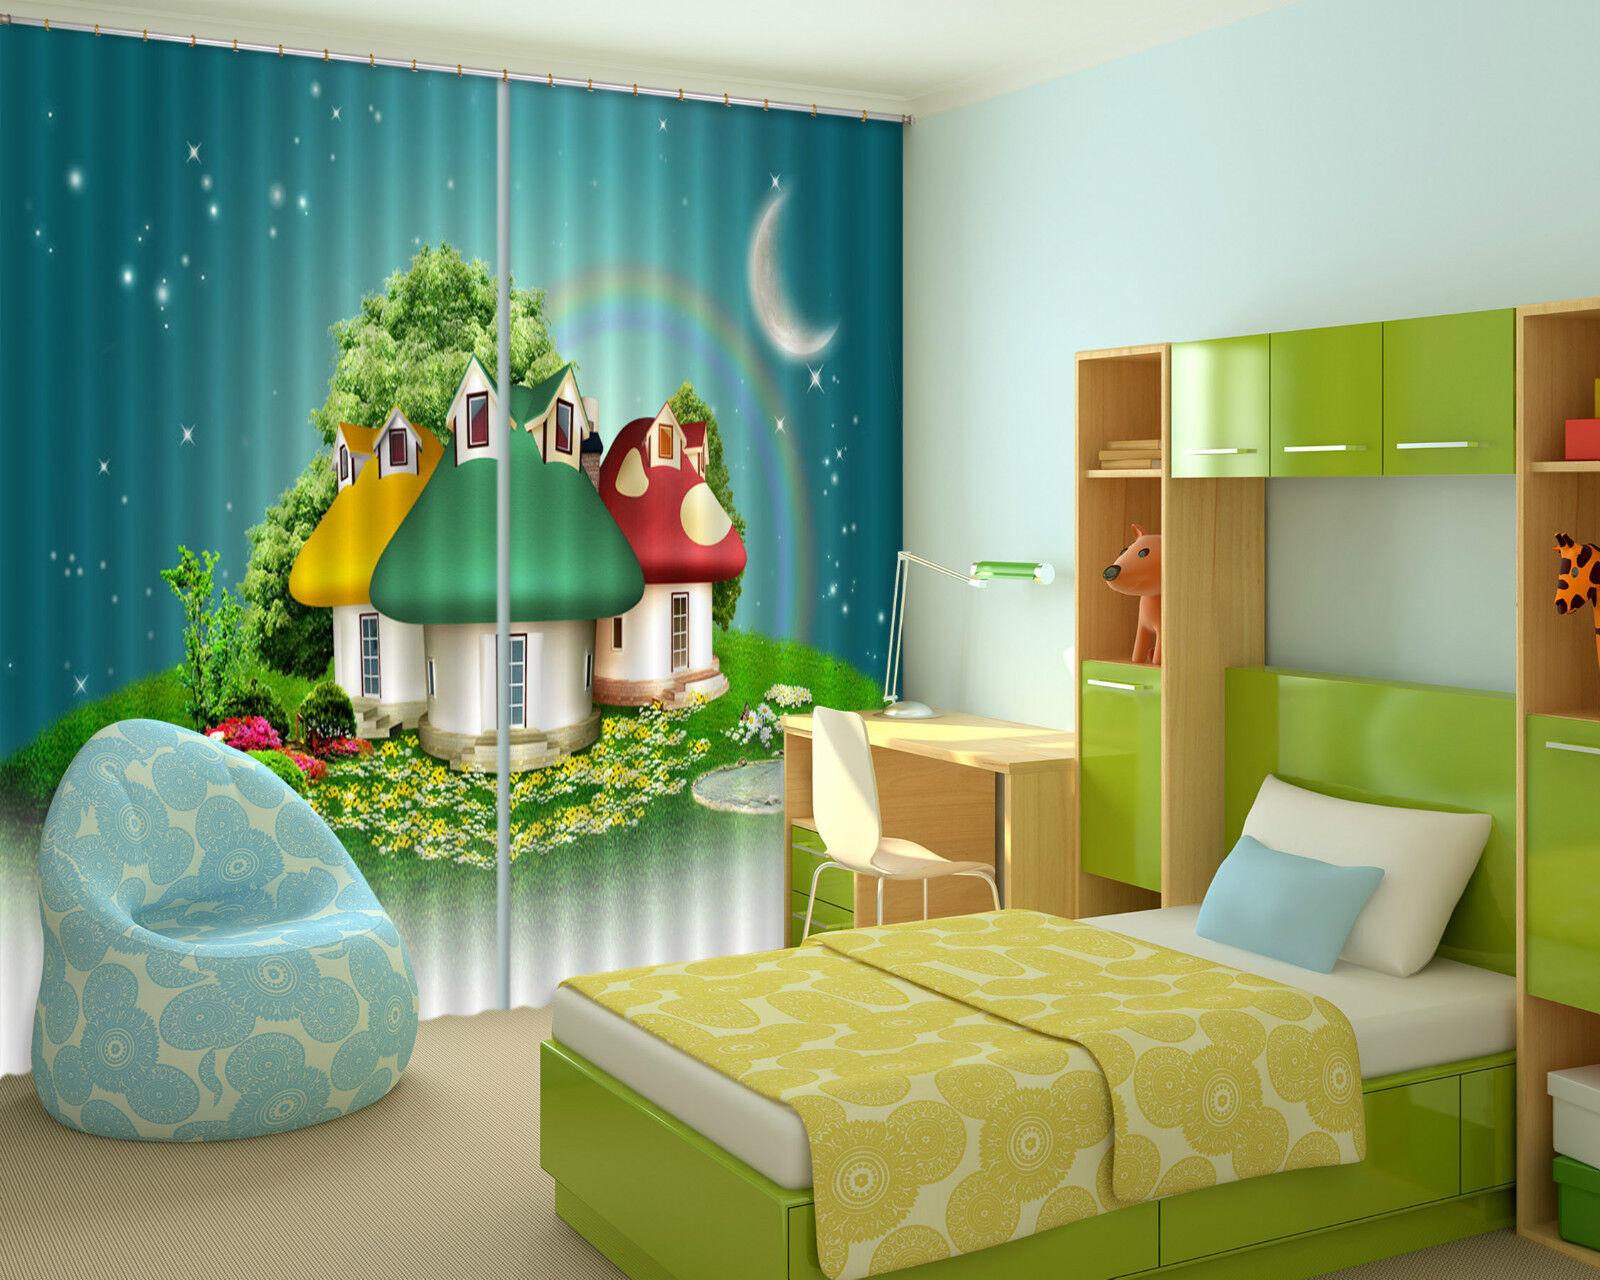 3d encantadora casa bloqueo foto cortina cortina de impresión sustancia cortinas de ventana